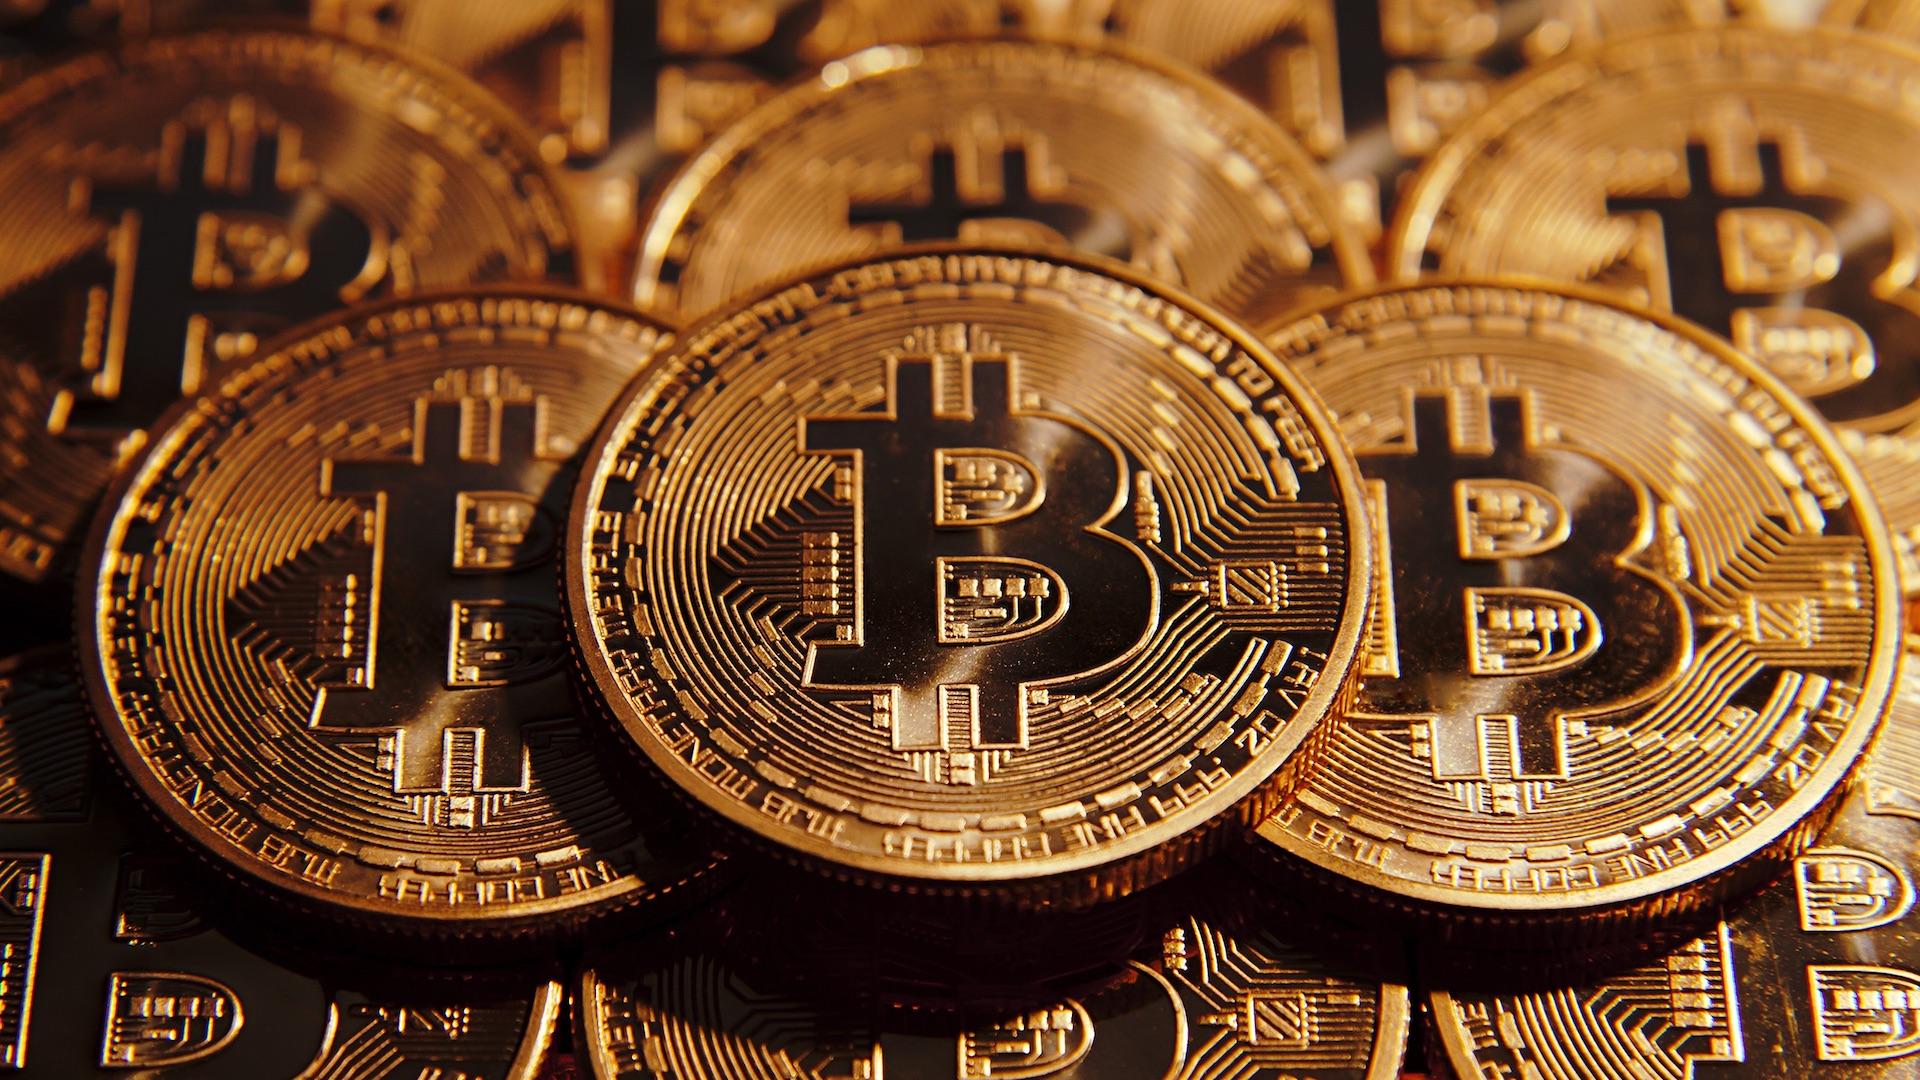 Au Danemark, la police vient de recourir pour la deuxième fois au traçage d'échanges en Bitcoins afin de confondre un suspect. Ces investigations montrent que la monnaie cryptée ne garantit pas aux criminels qui l'utilisent une couverture totale